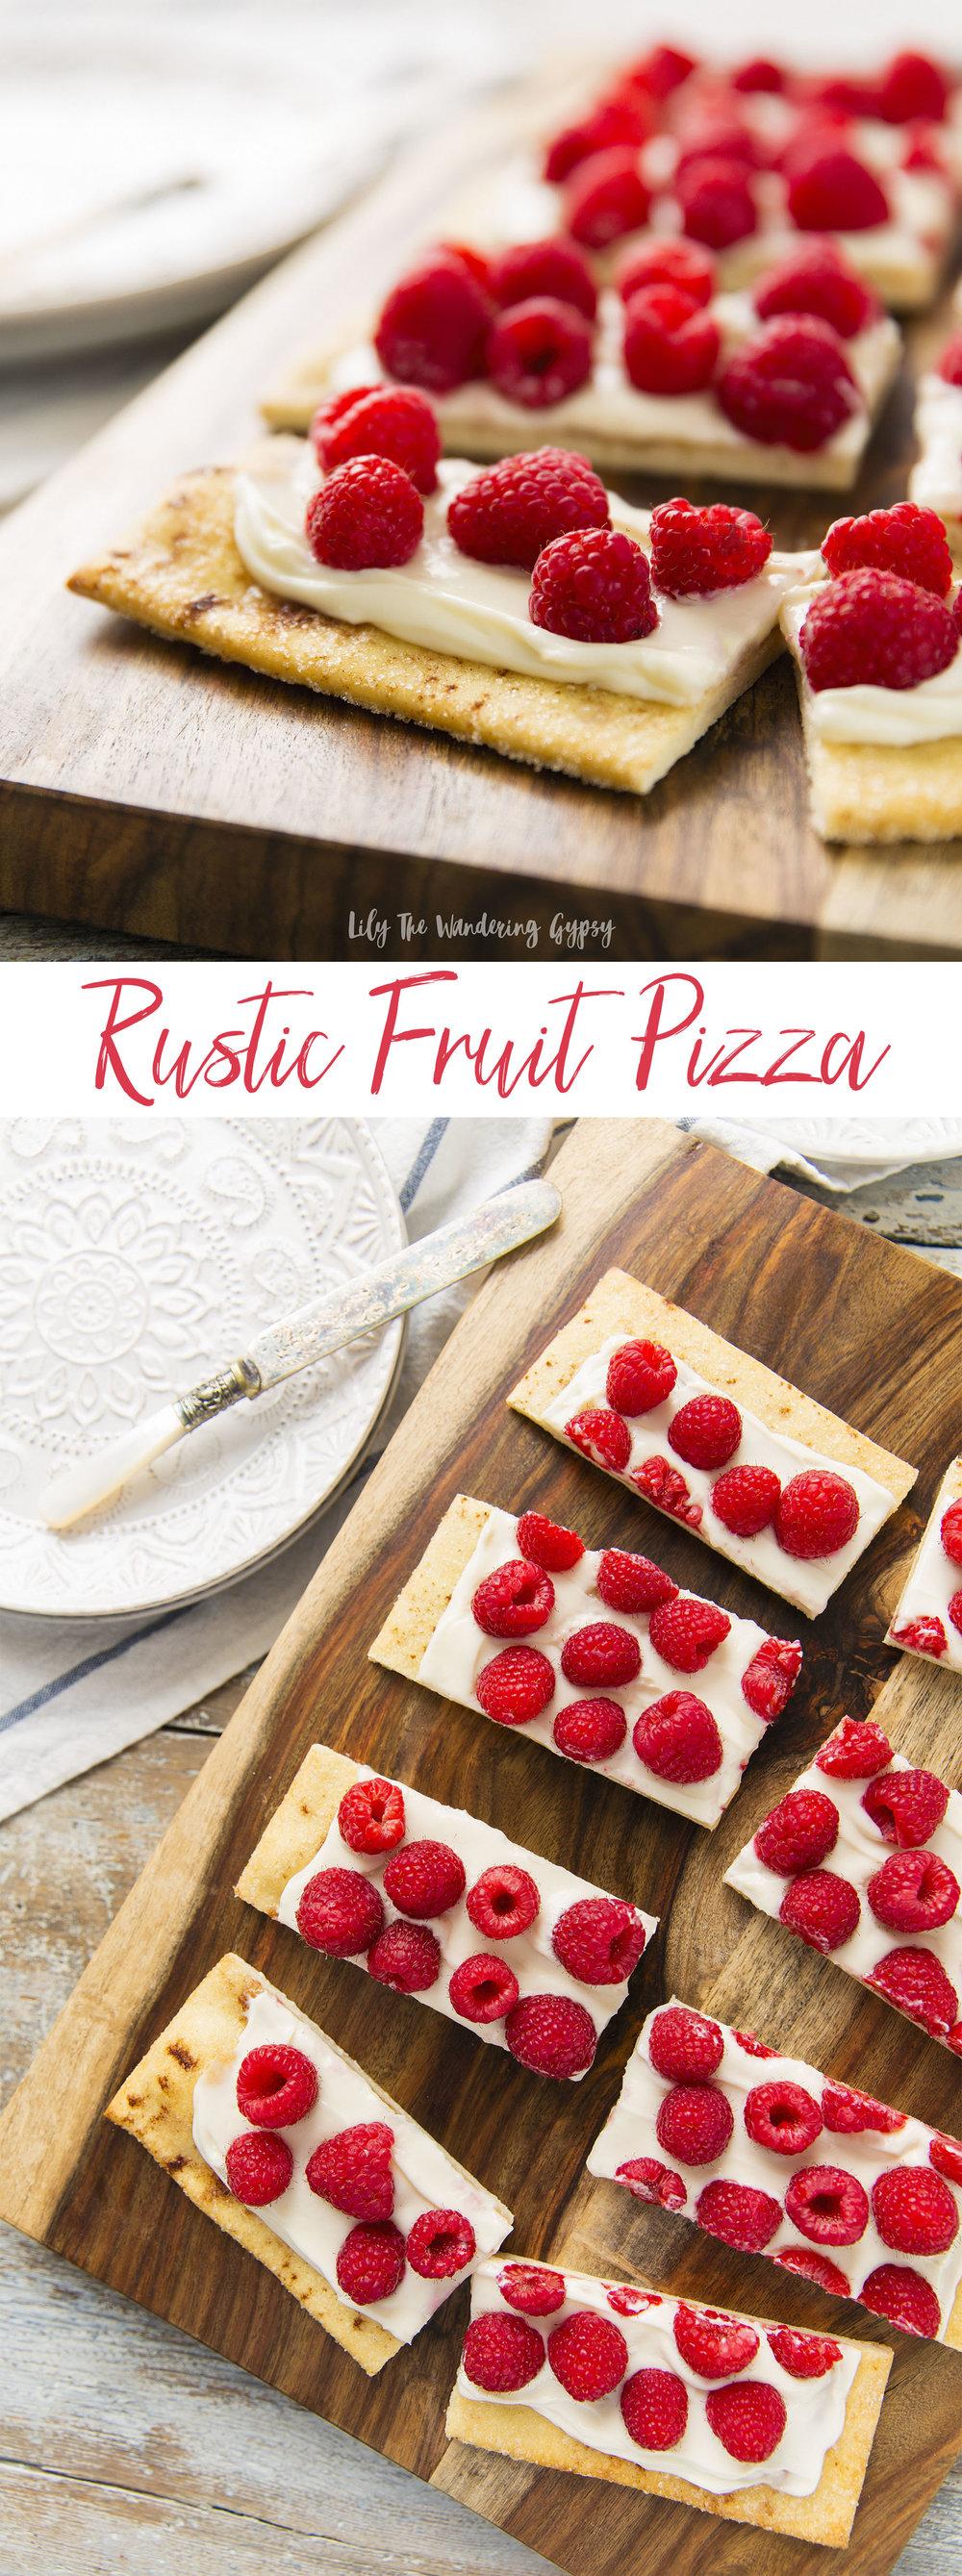 Rustic Fruit Pizza Recipe